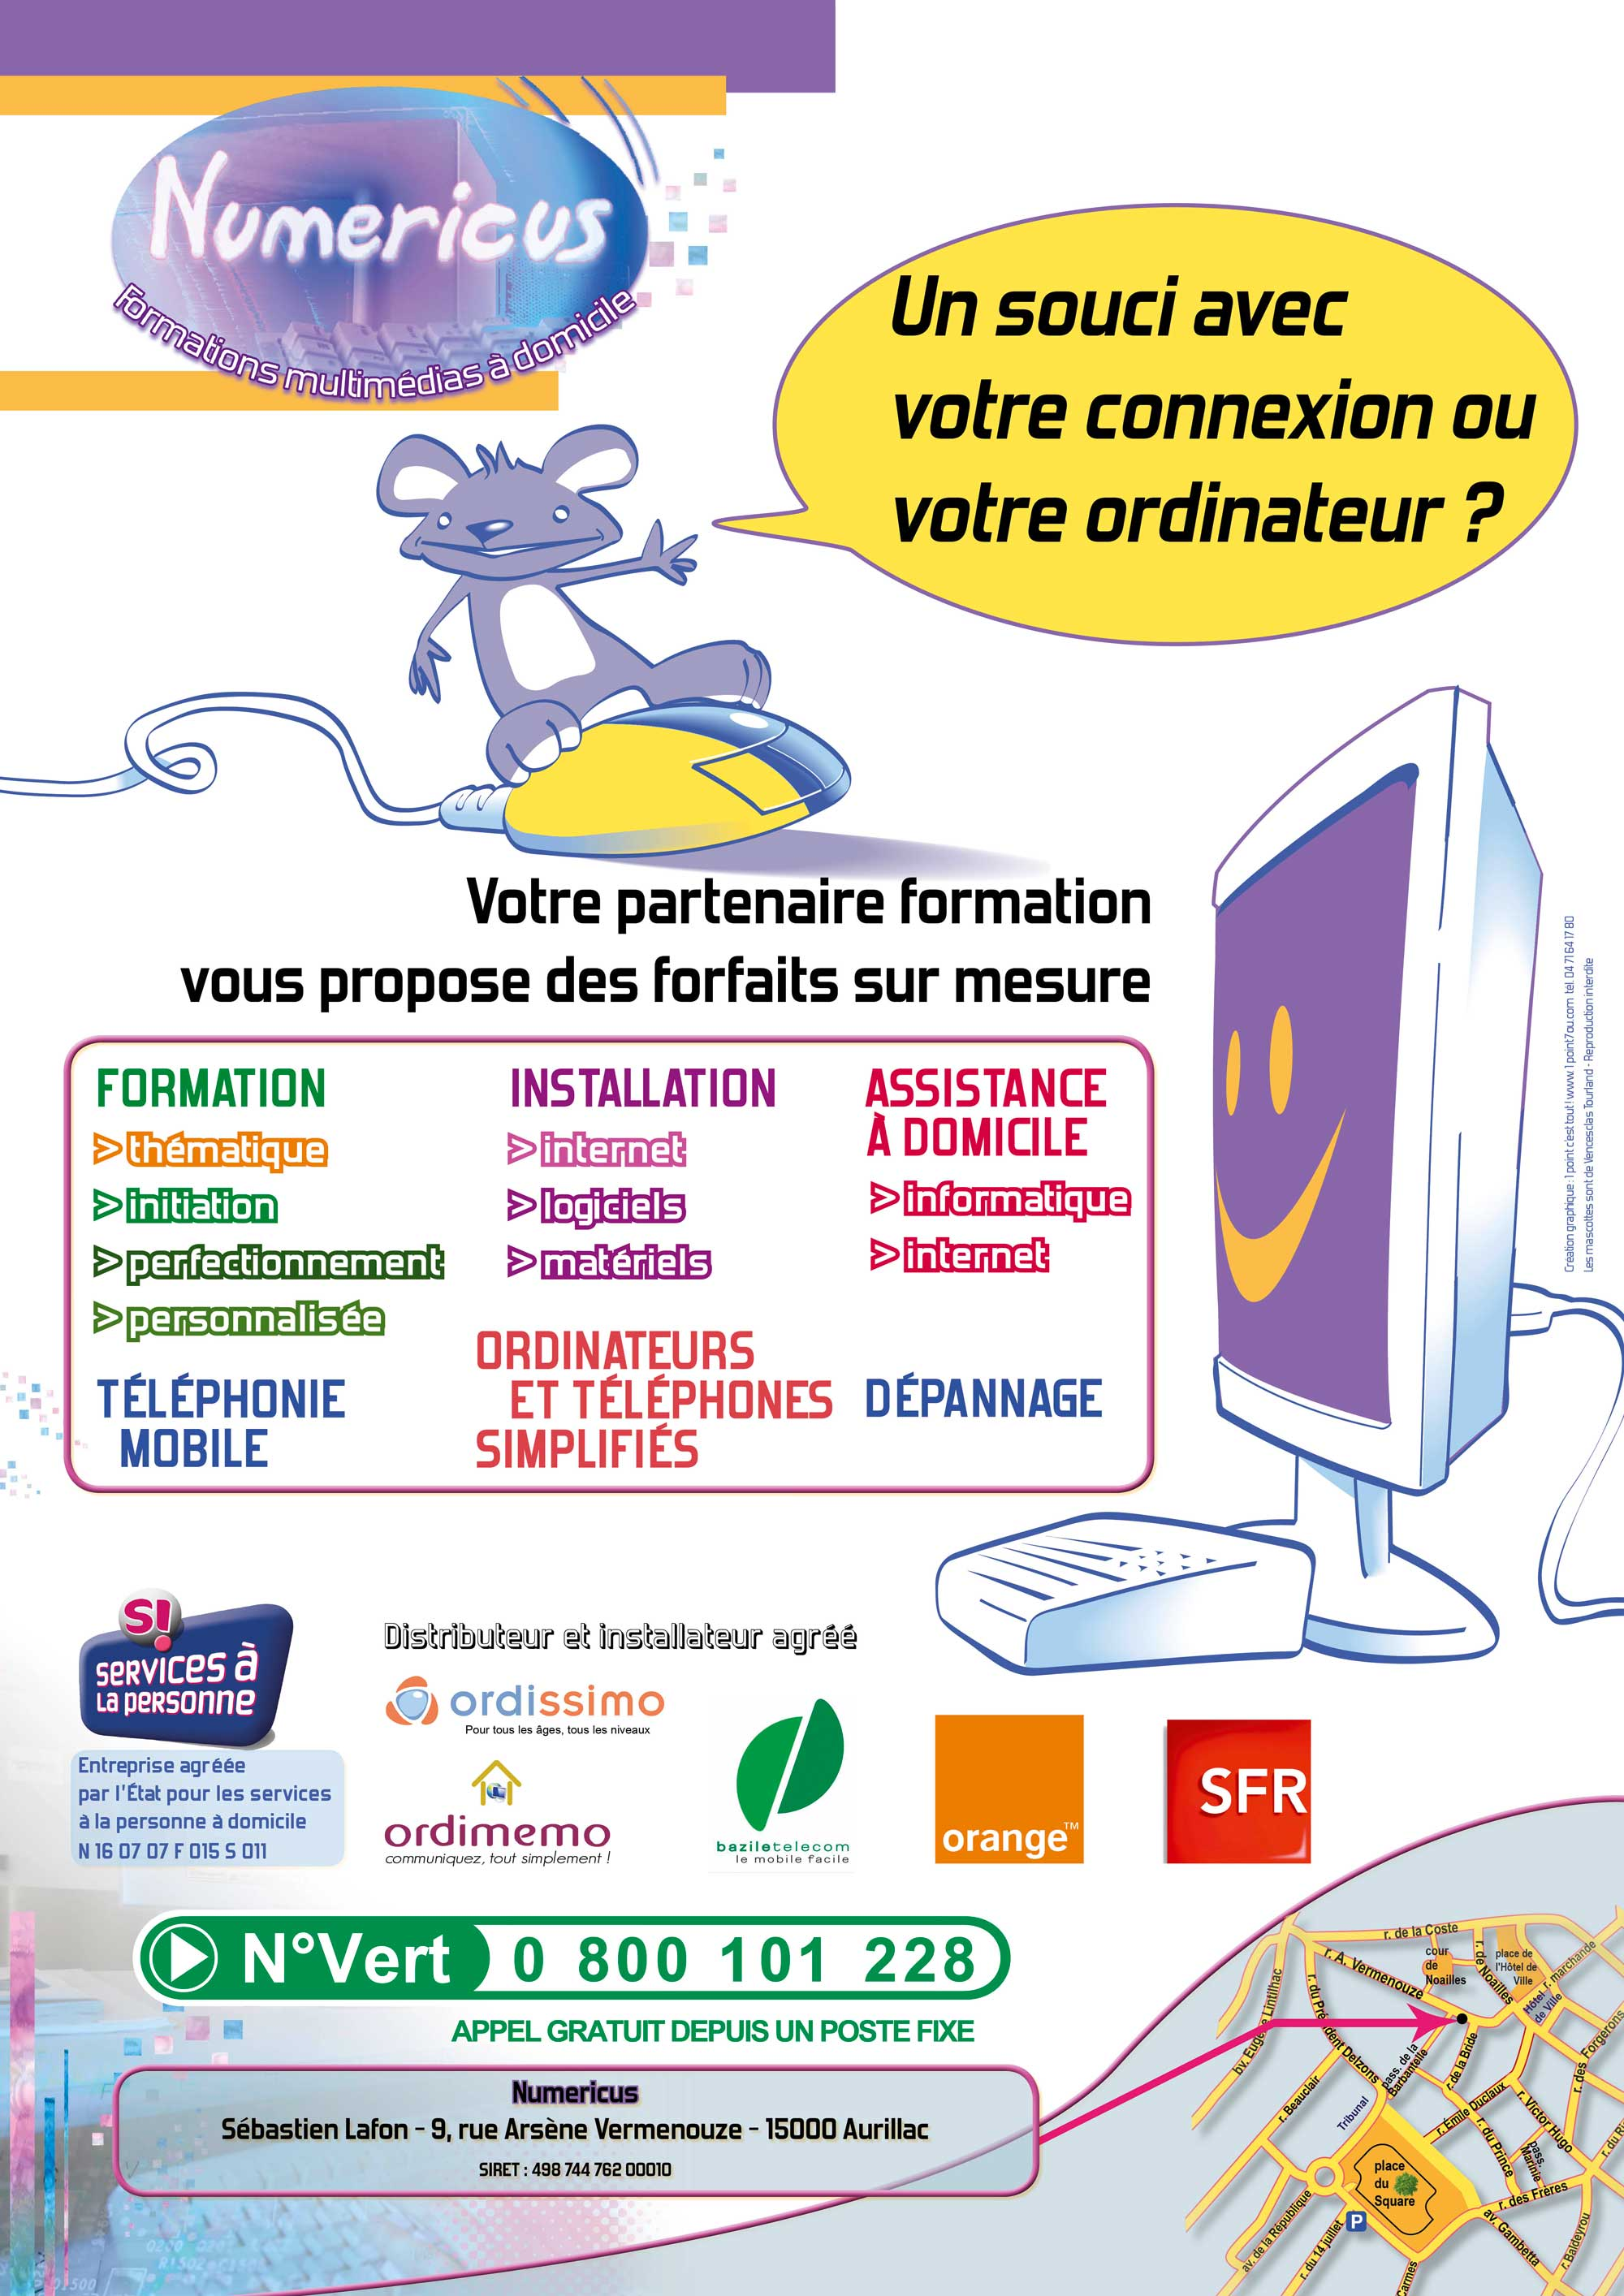 Affiche pour l'entreprise Numericus - Aurillac